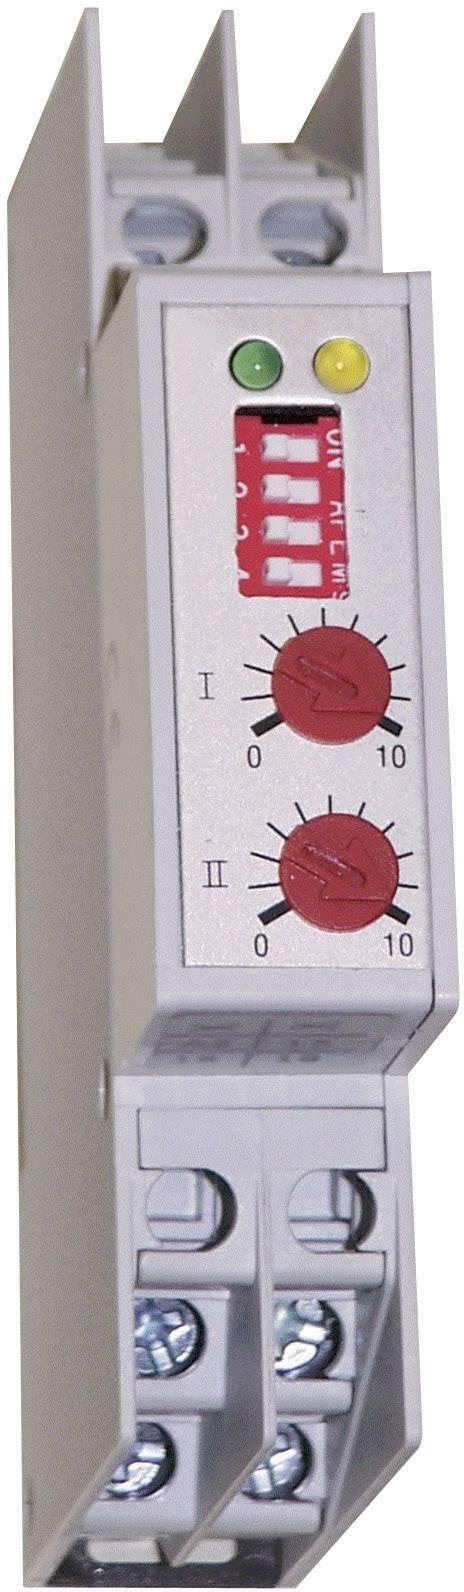 Časové relé monofunkčné HSB Industrieelektronik ZTG1 011172, čas.rozsah: 0.15 s - 60 min, 1 prepínací, 1 ks